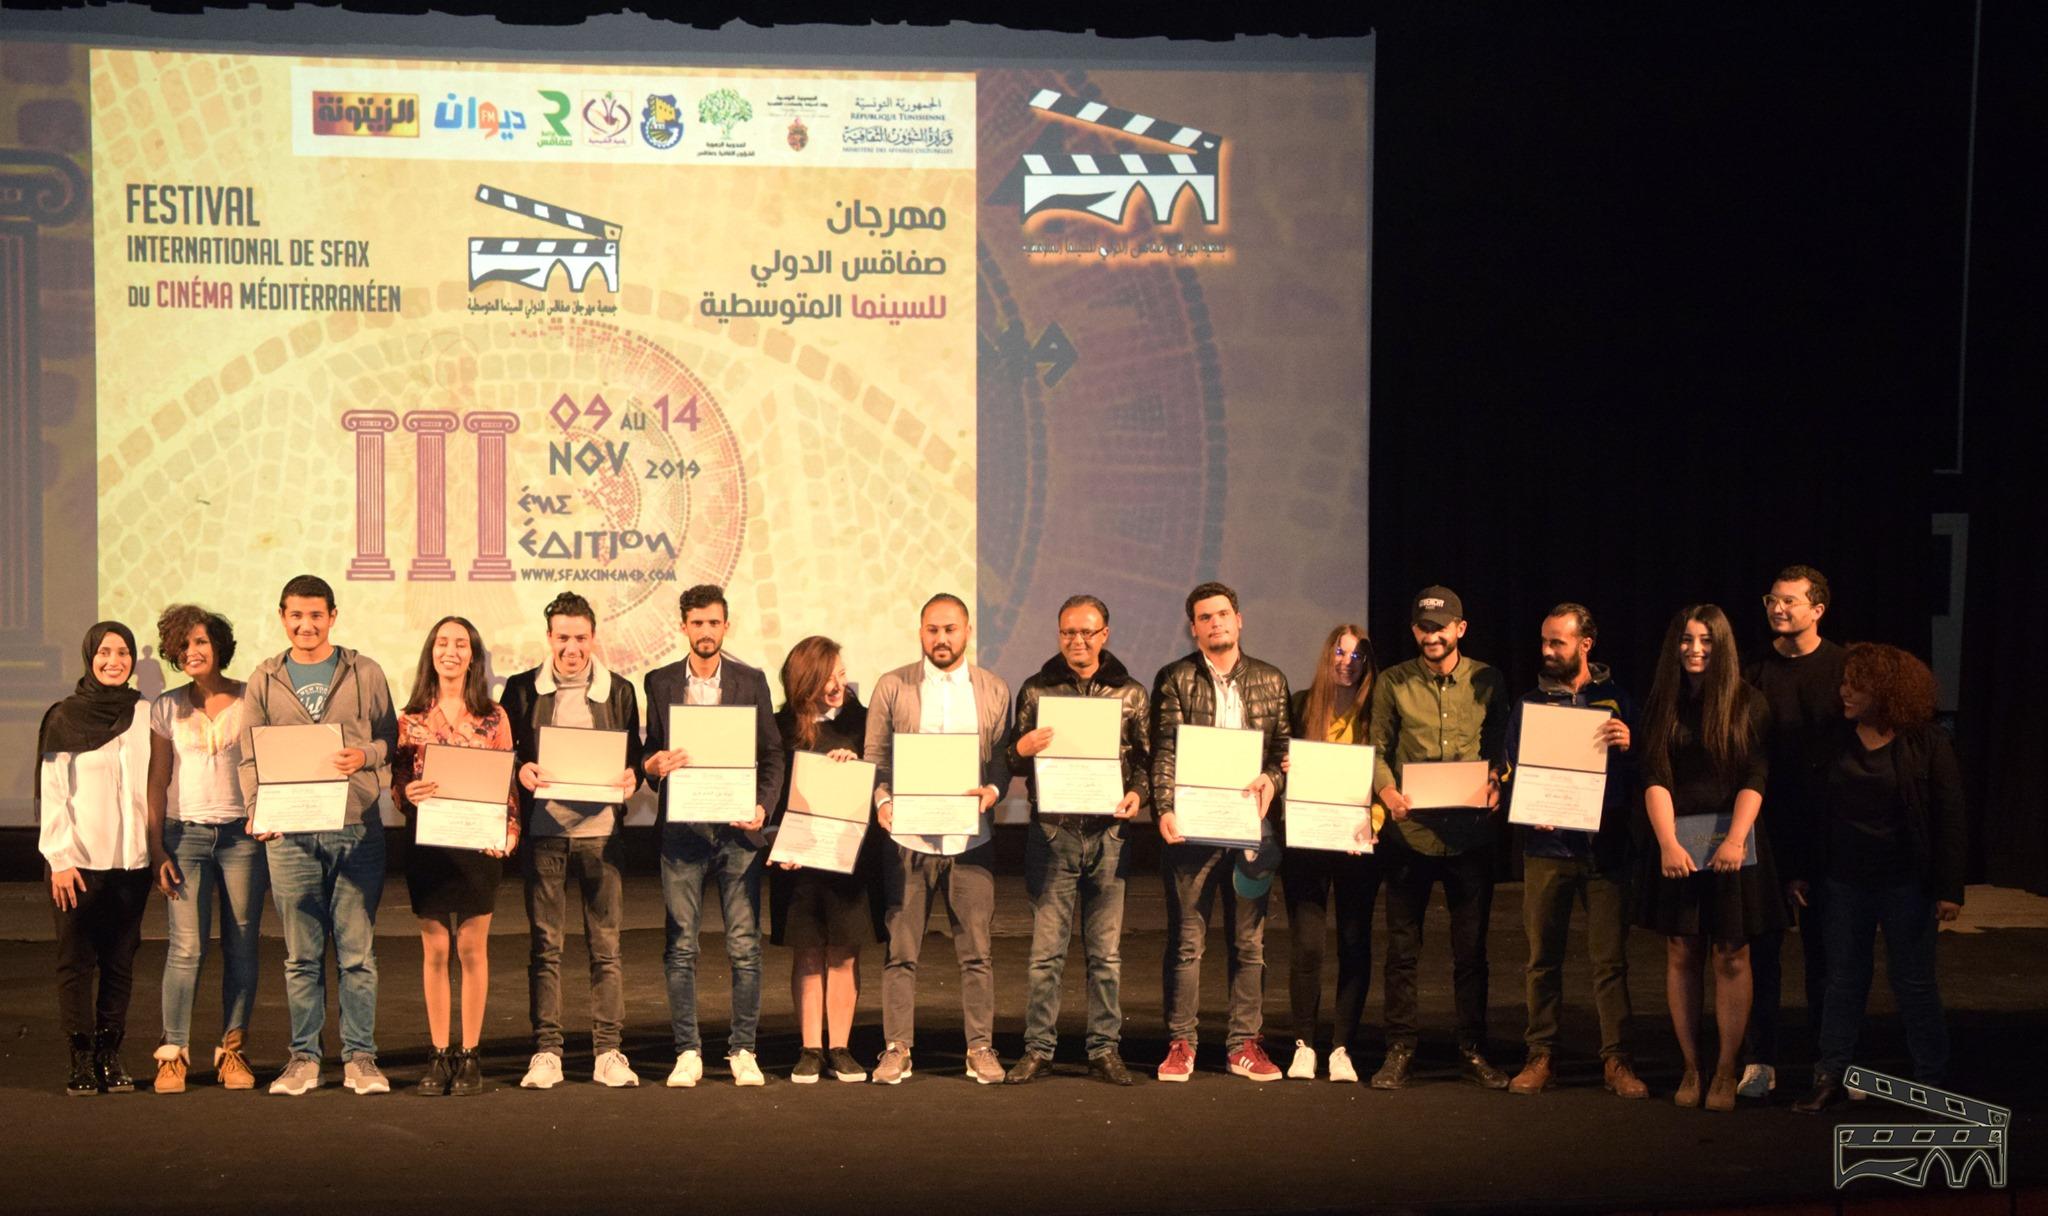 مهرجان صفاقس الدولي للسينما